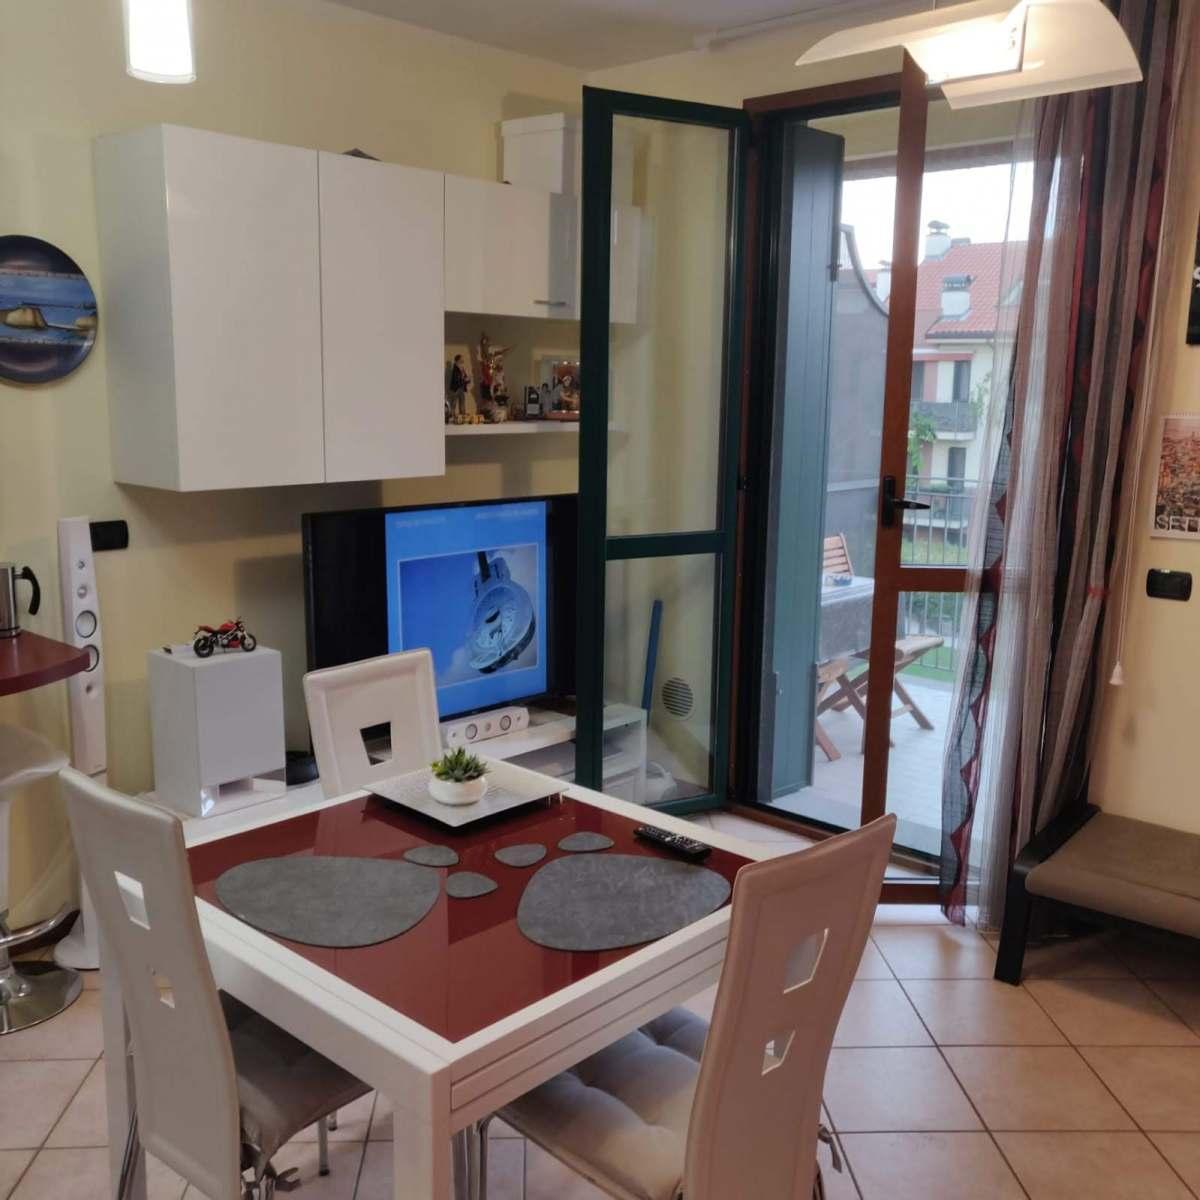 appartamento-in-vendita-milano-muggiano-3-locali-trilocale-spaziourbano-immobiliare-vende-1